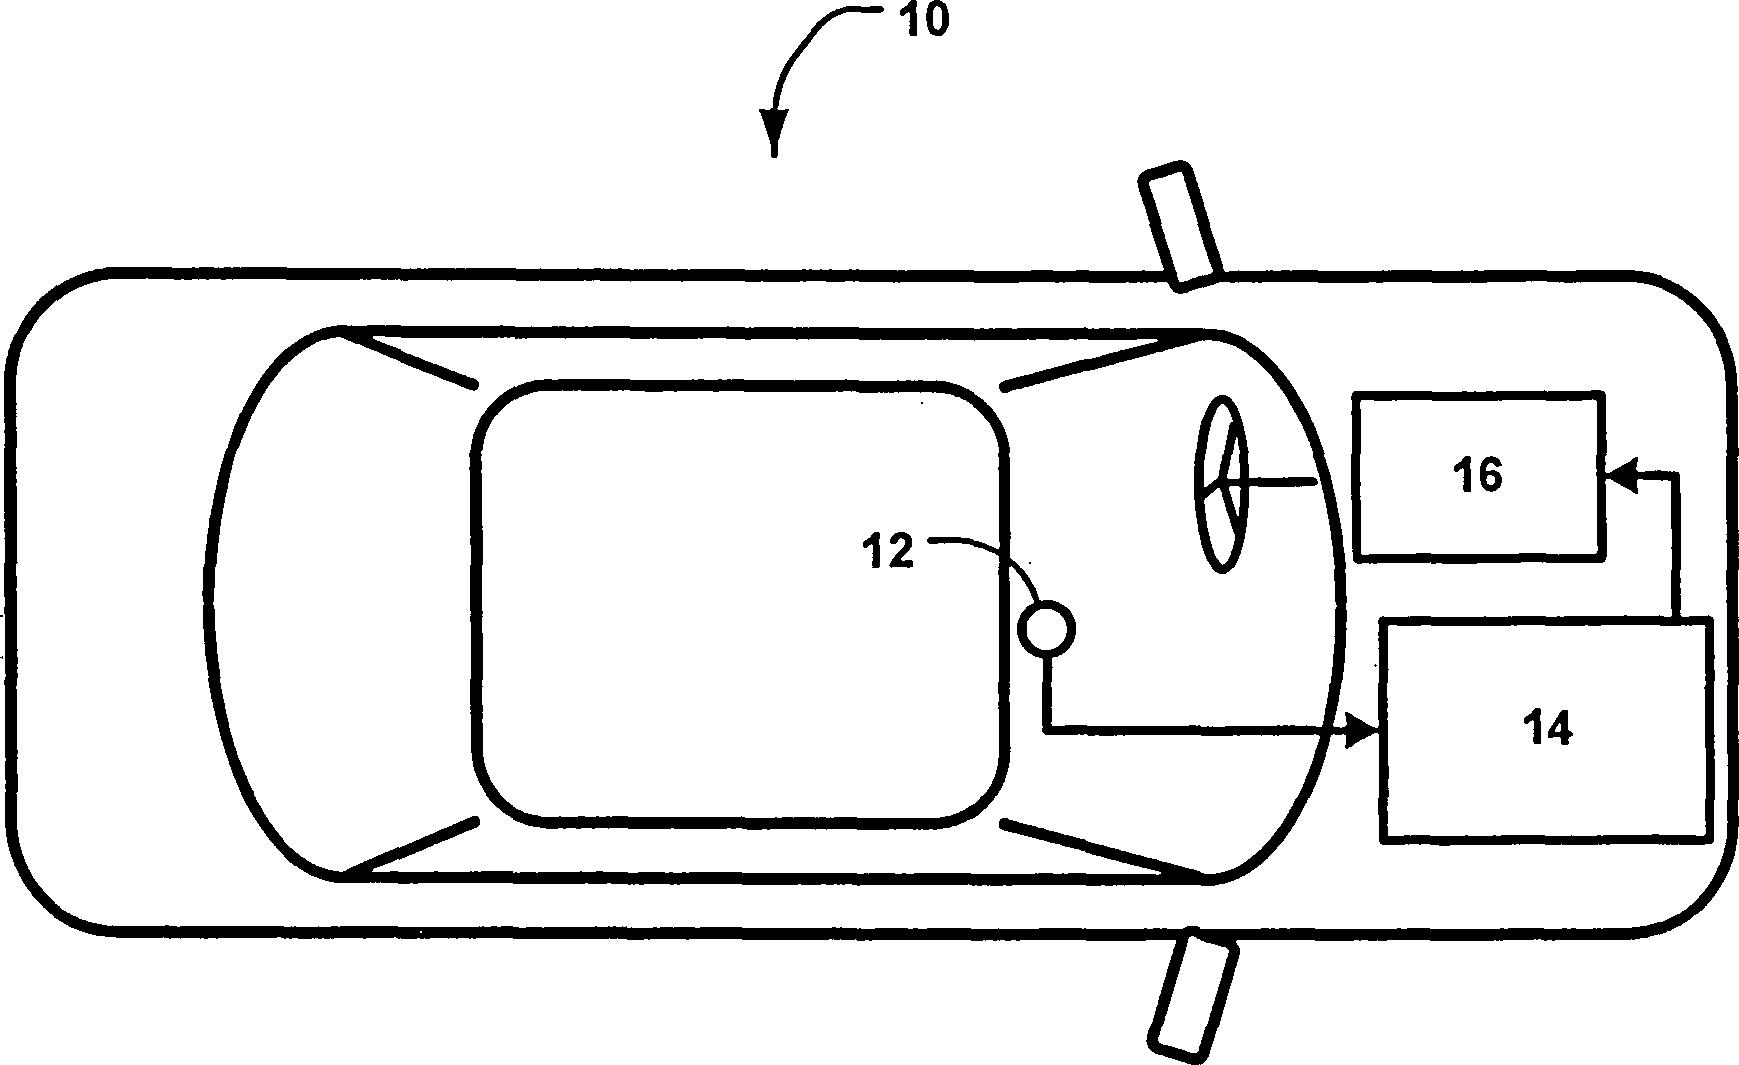 Figure DE102012104766B4_0001